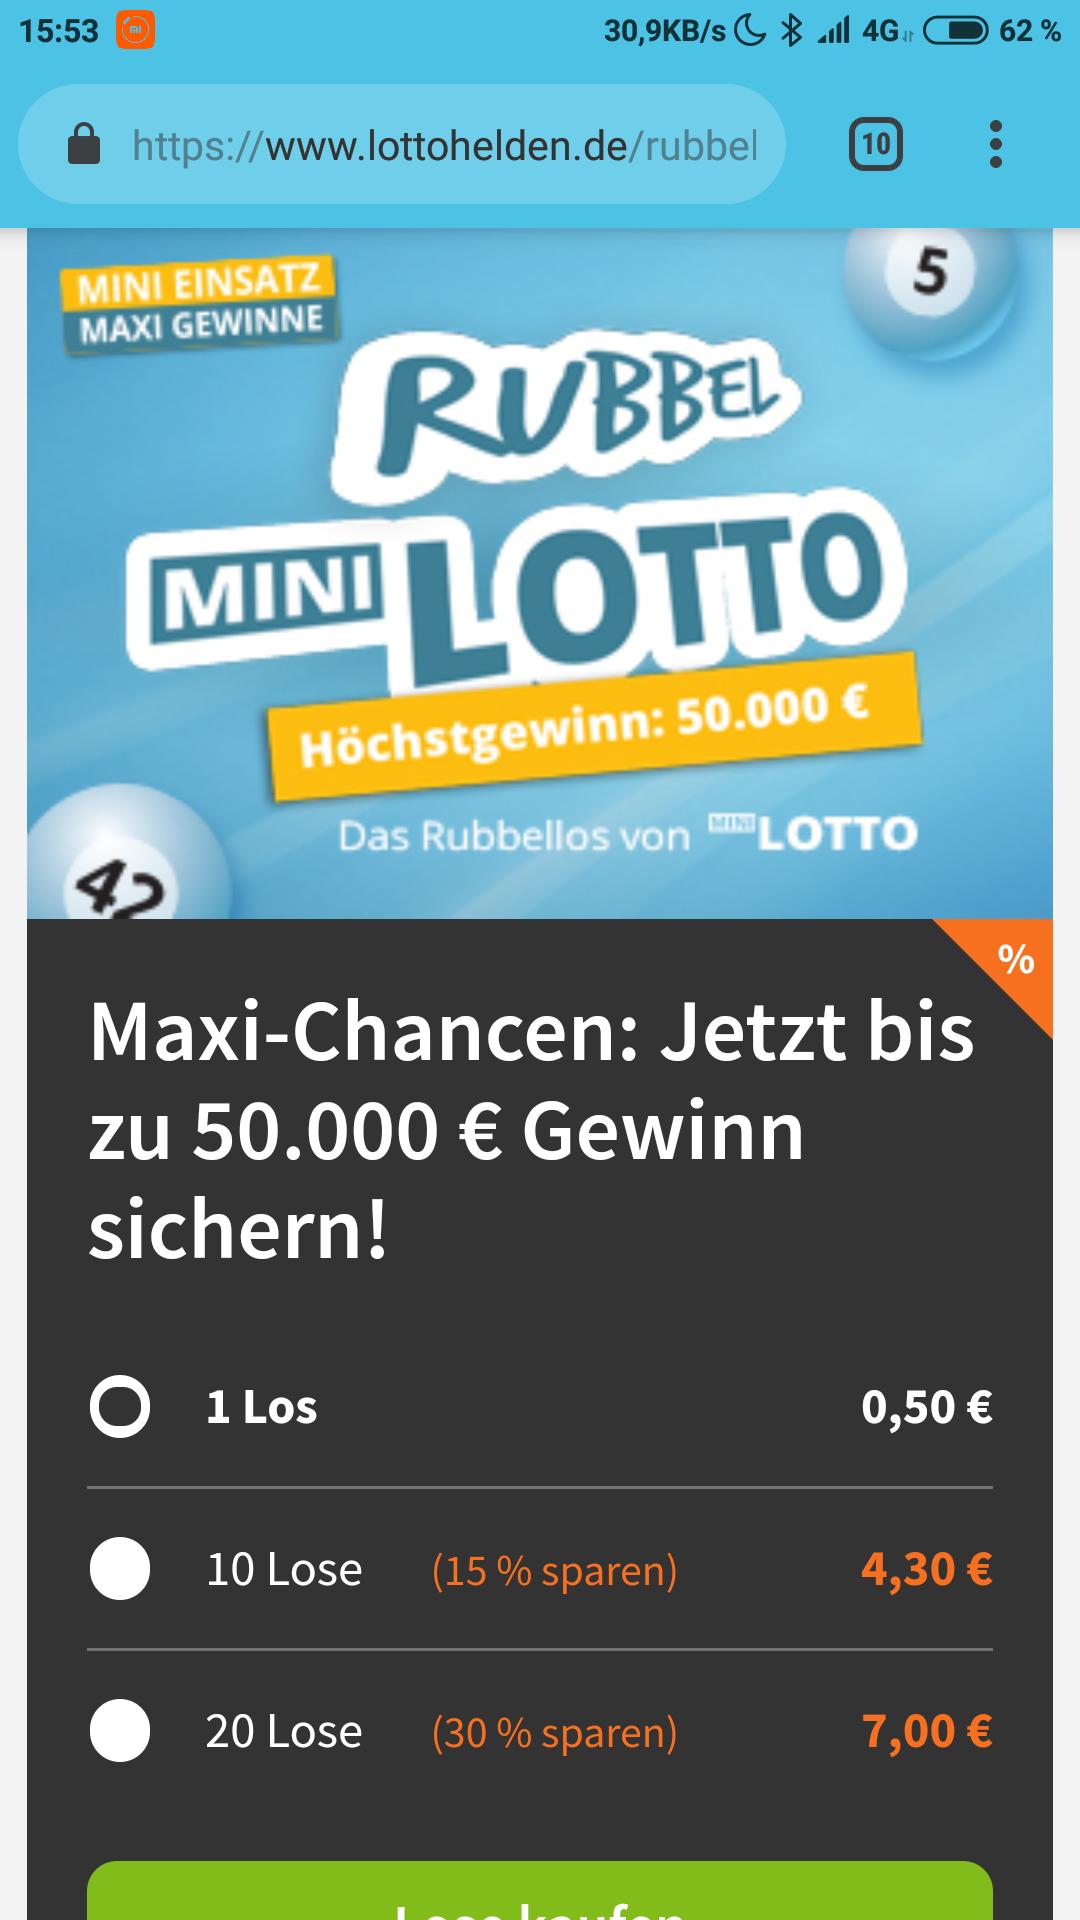 [Lottohelden] MiniLotto Rubbellose bis zu 30% günstiger